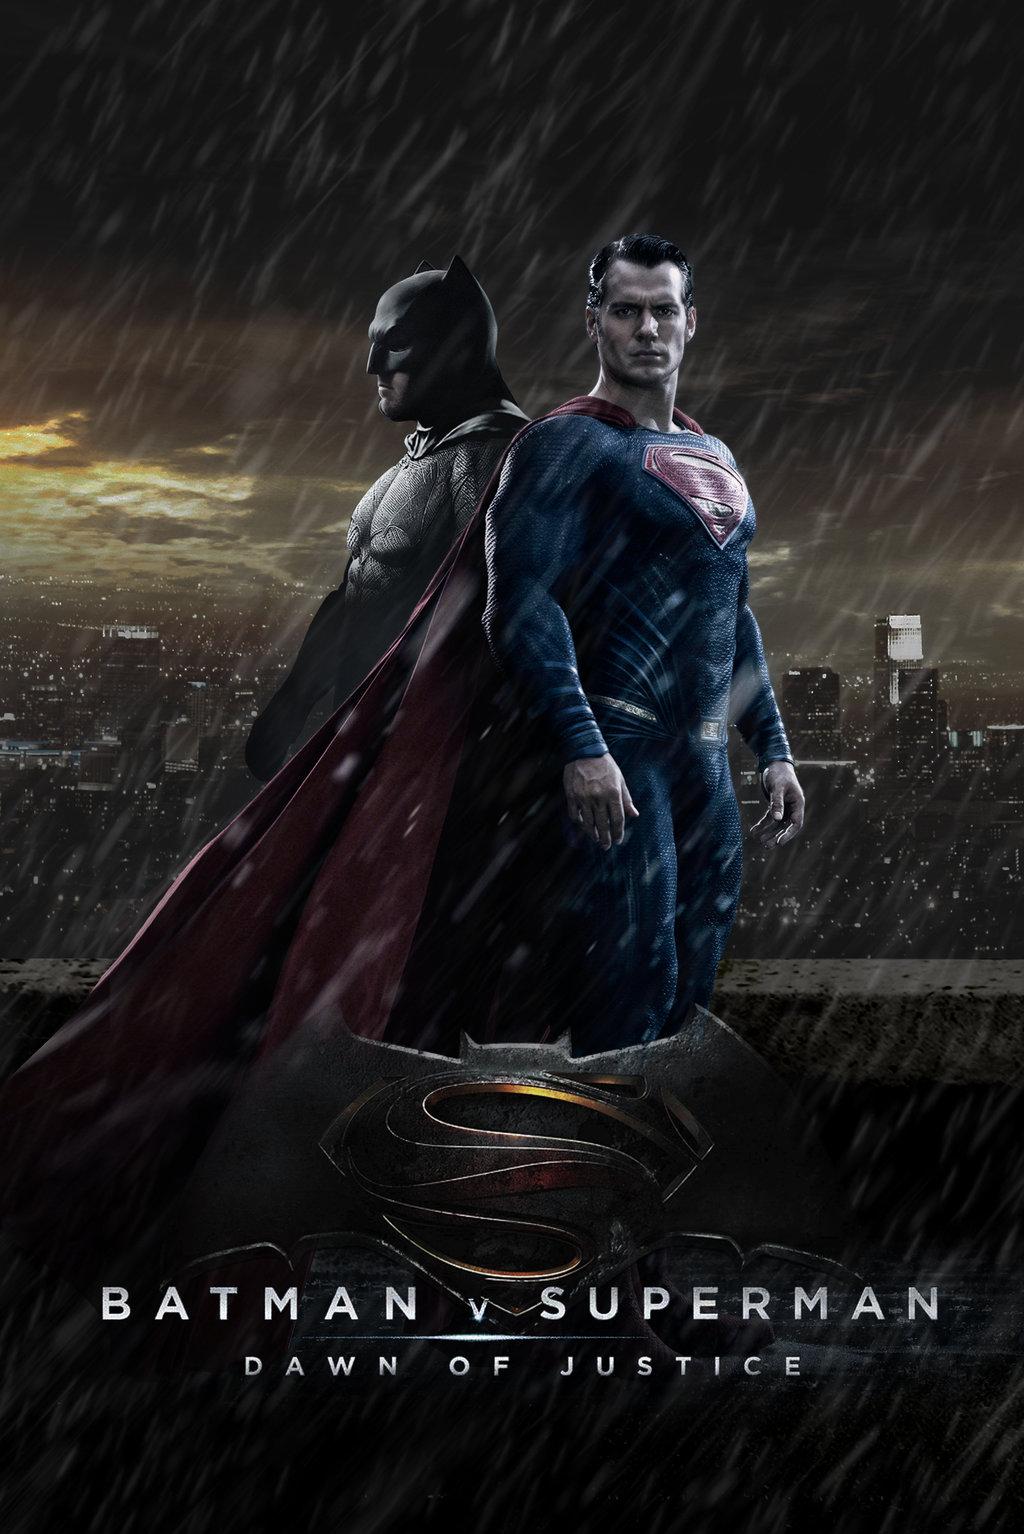 Wallpaper Hp Batman Vs Superman Dawn Of Justice